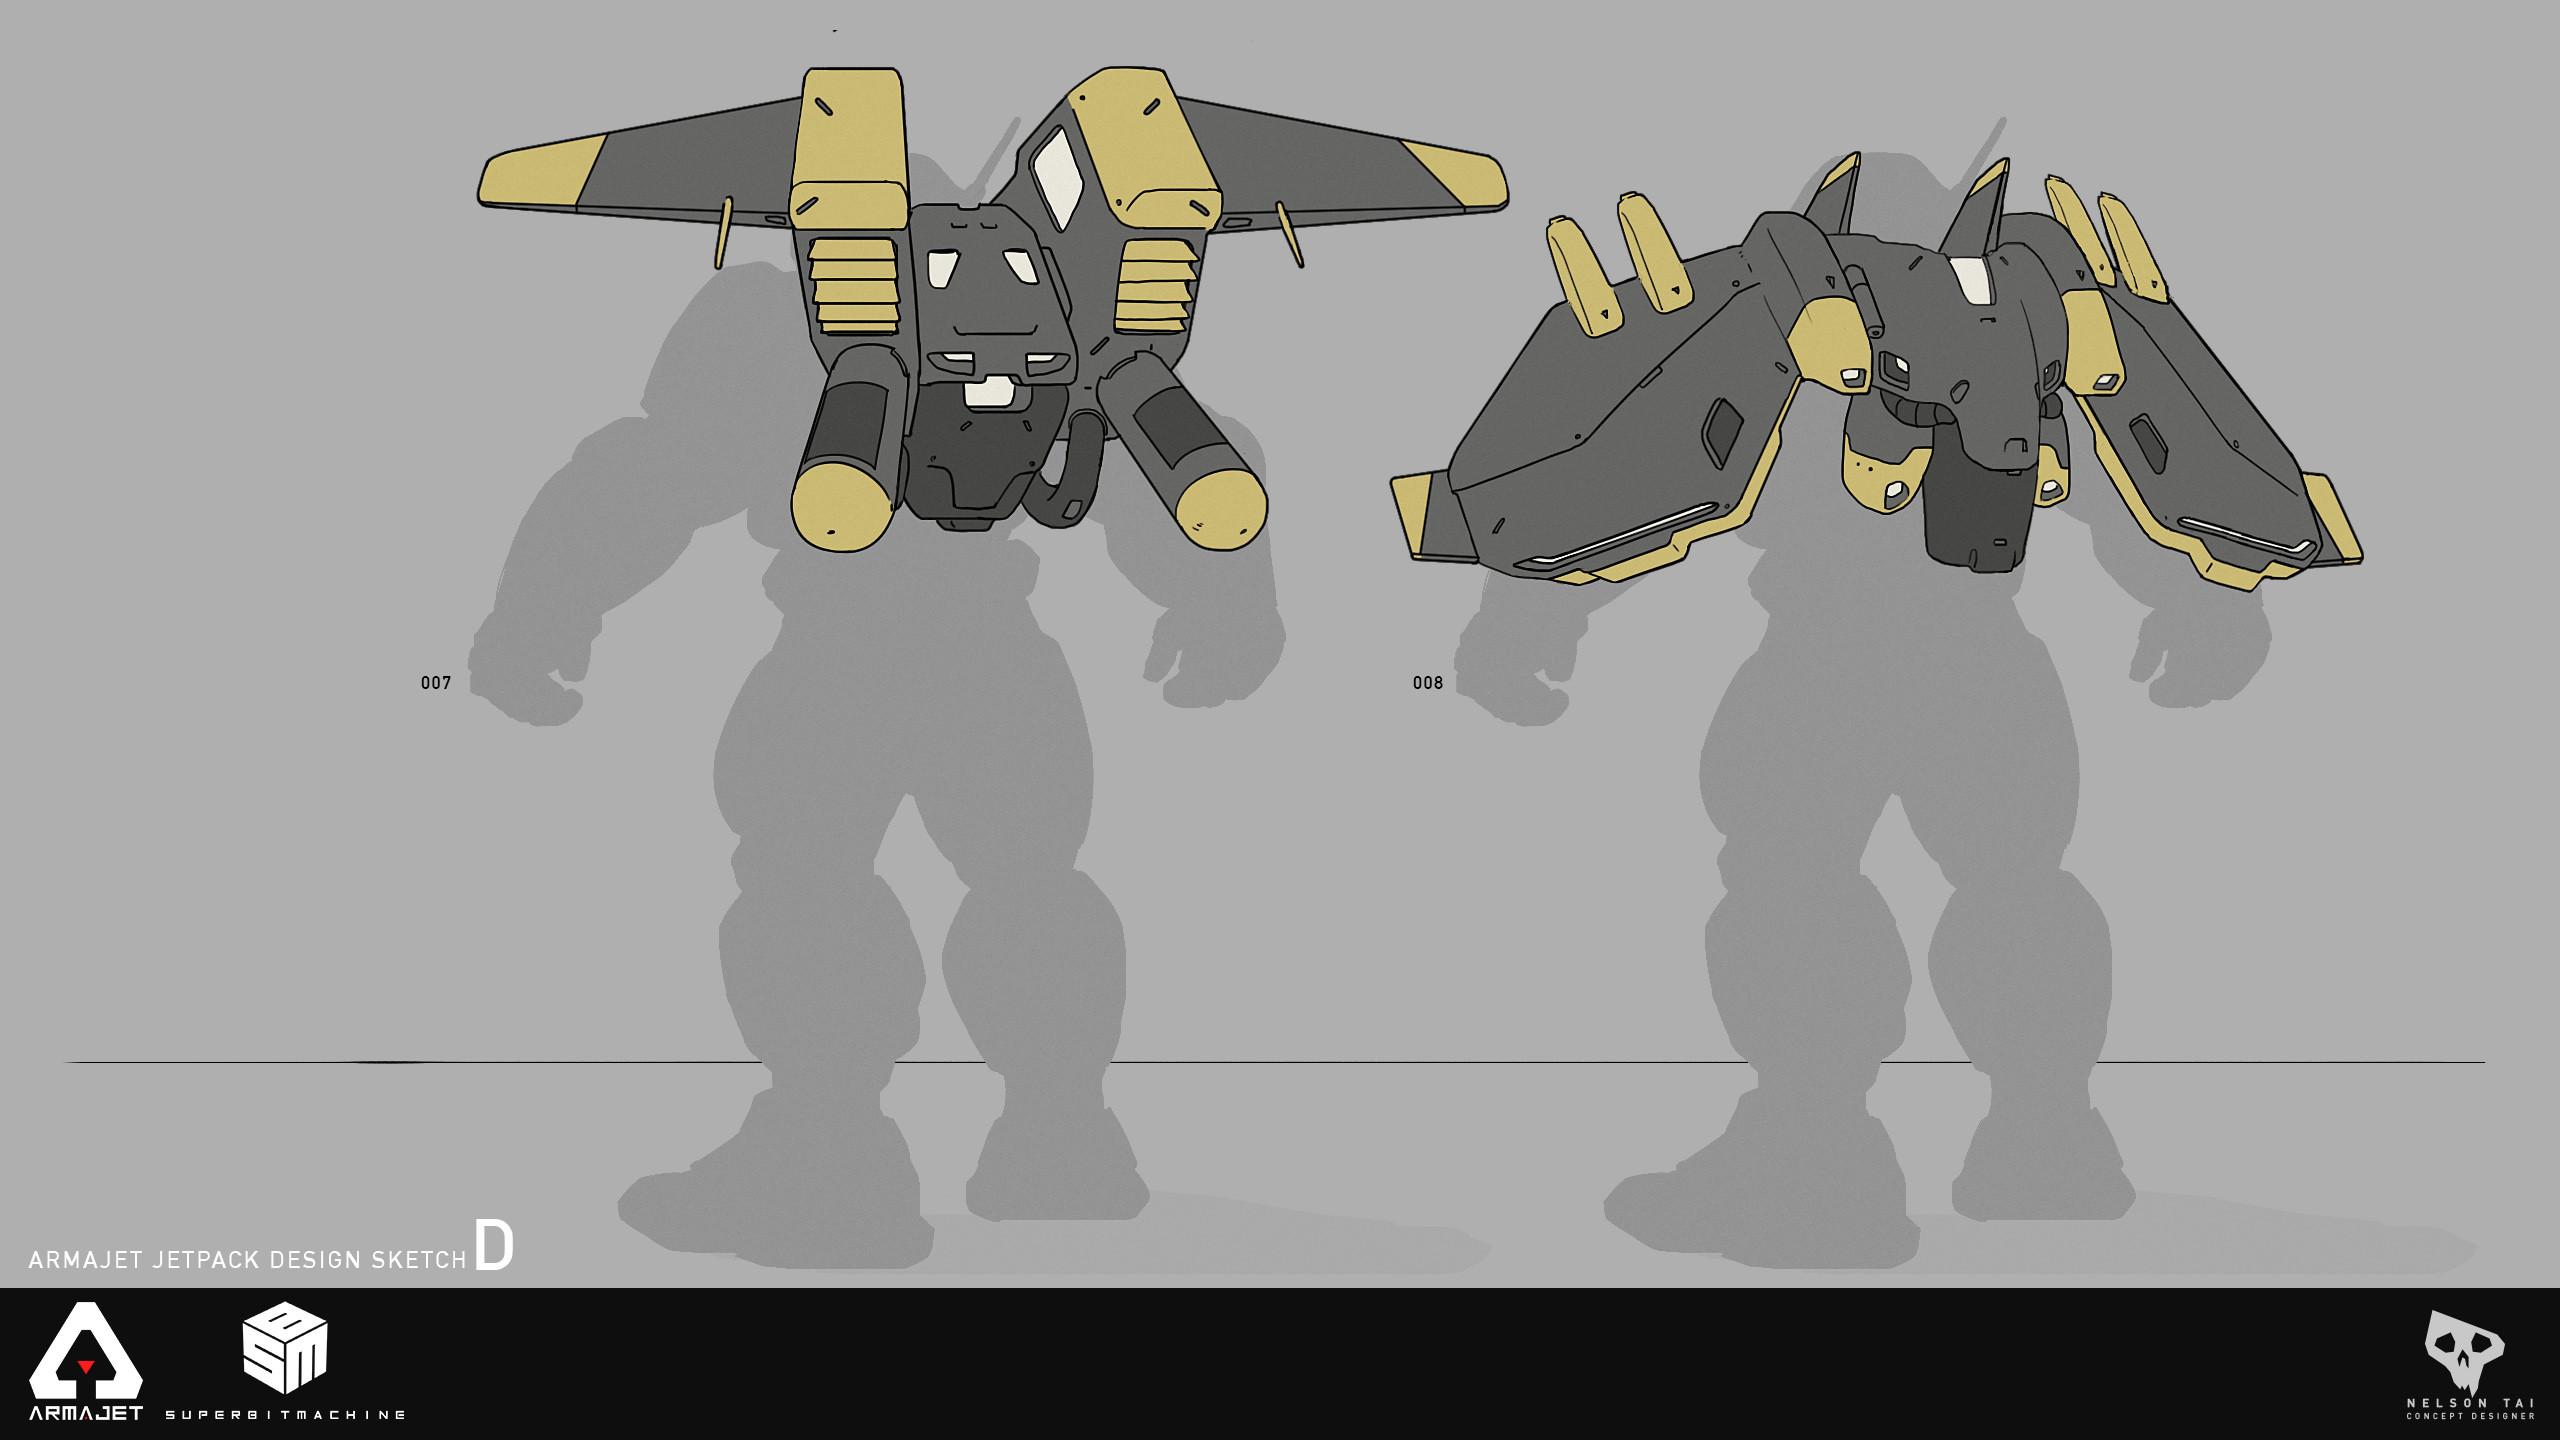 Armajet Jetpack Design D